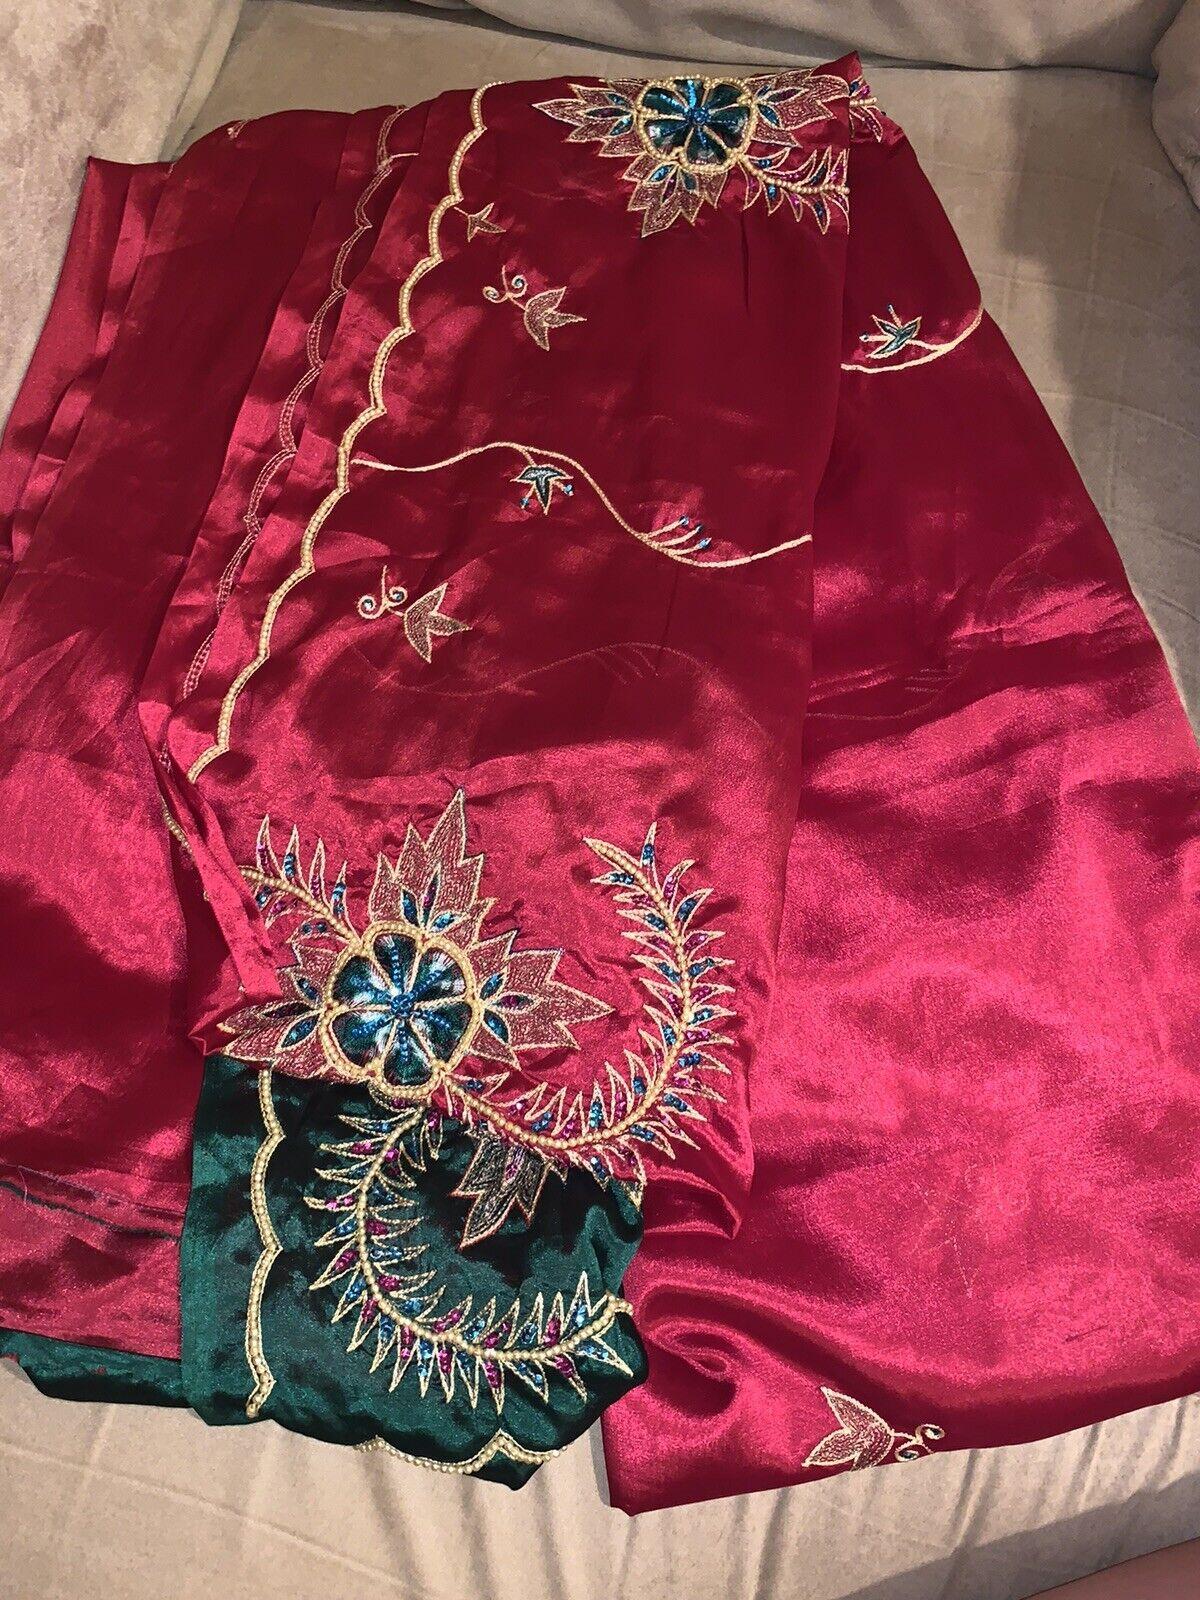 RED GREEN EMBELLISHED SILKY INDIAN SARI SAREE DRESS